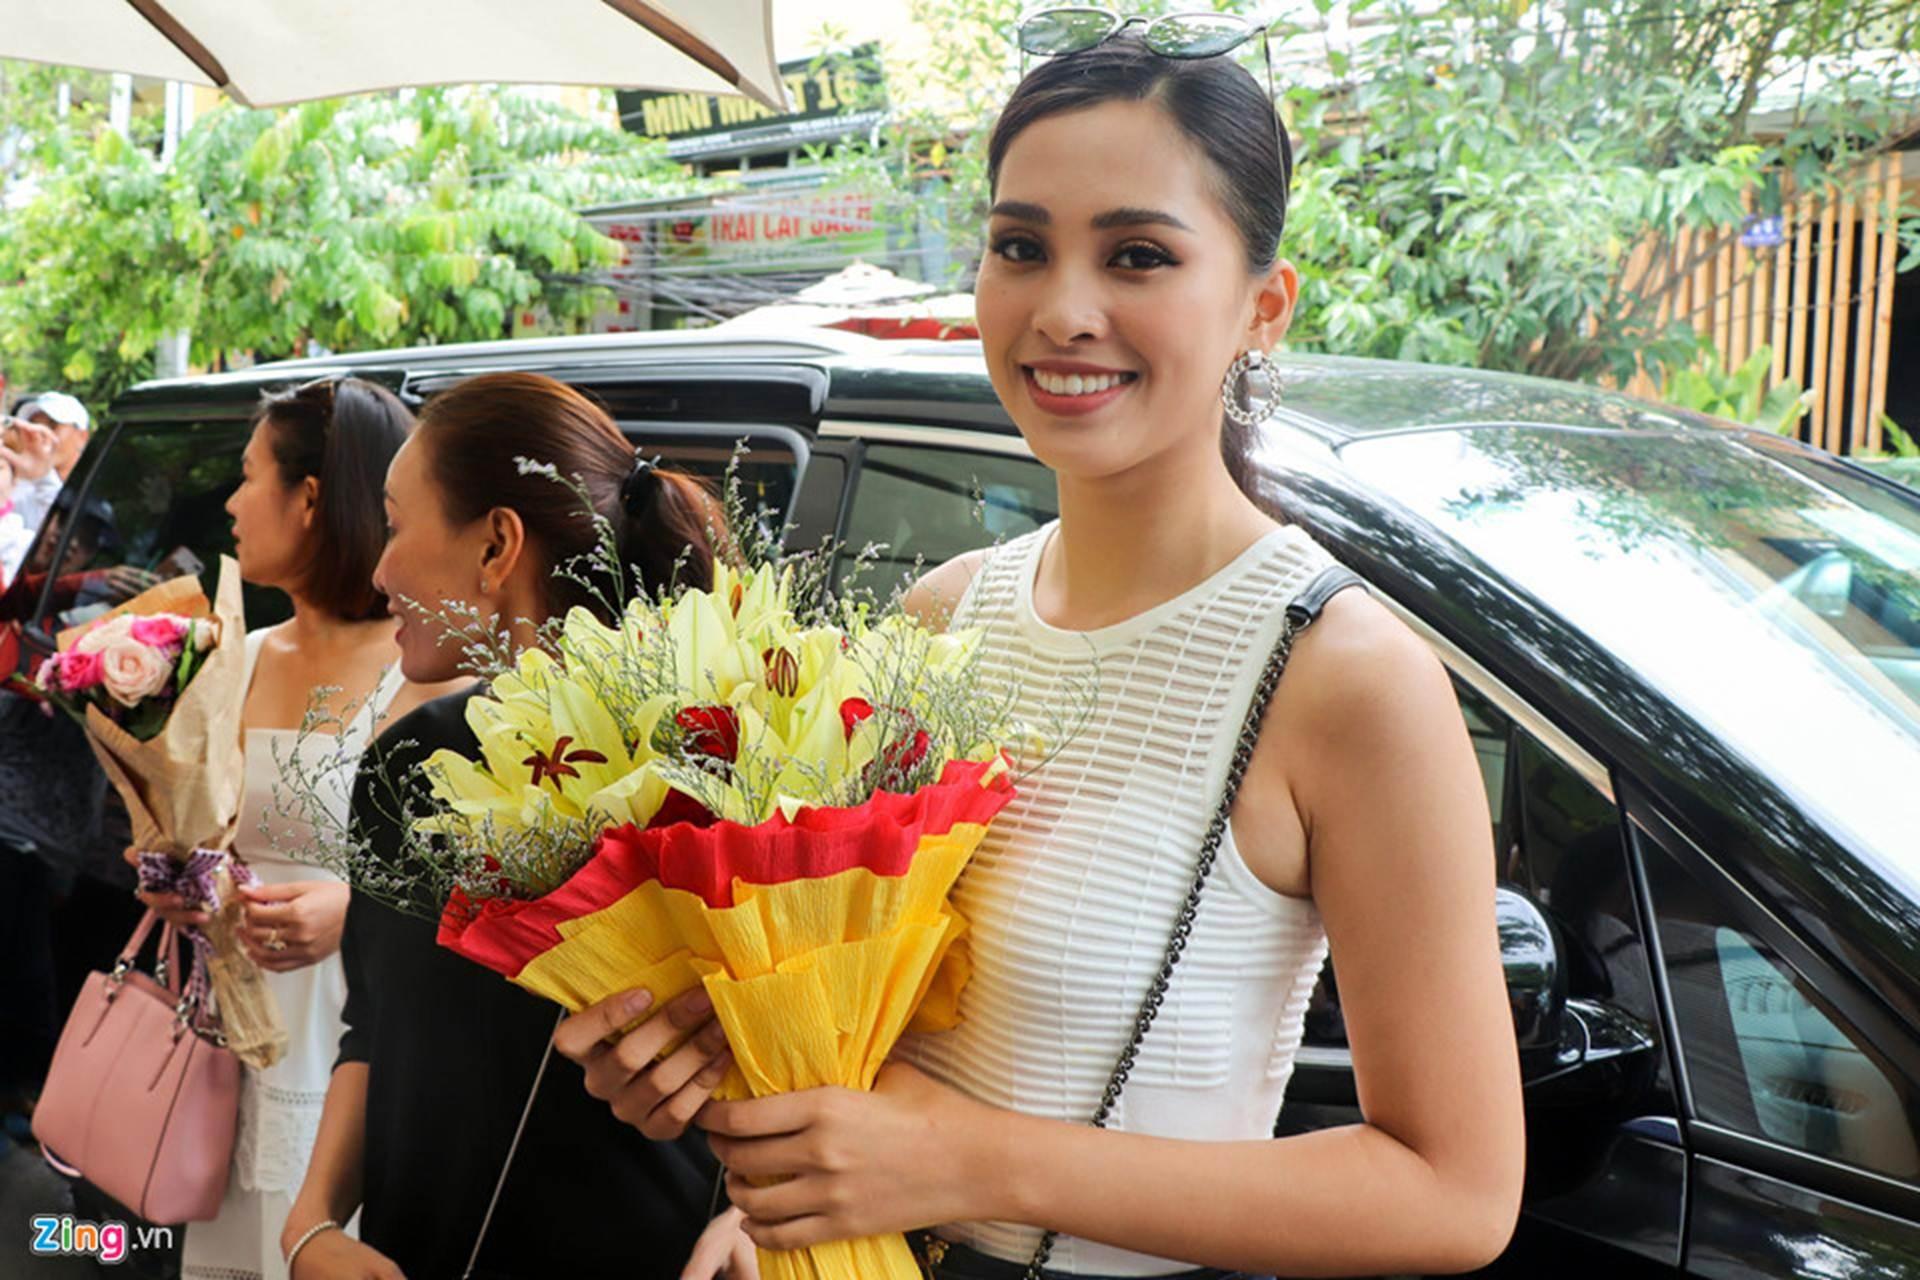 Gia đình đãi tiệc mừng đón Hoa hậu Trần Tiểu Vy ở phố cổ Hội An-1